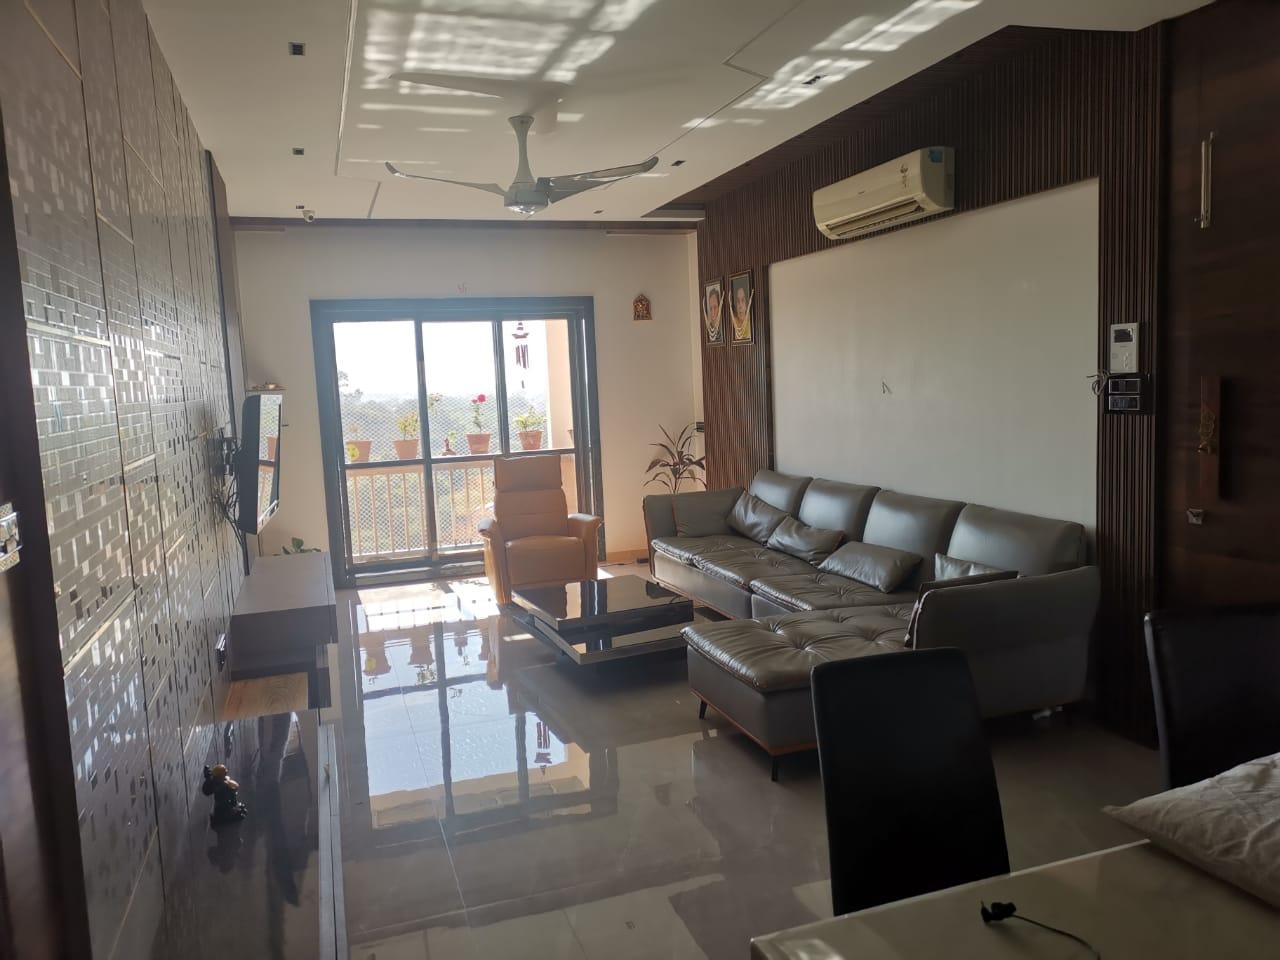 Surana Realtors - JDA approved property in Jodhpur